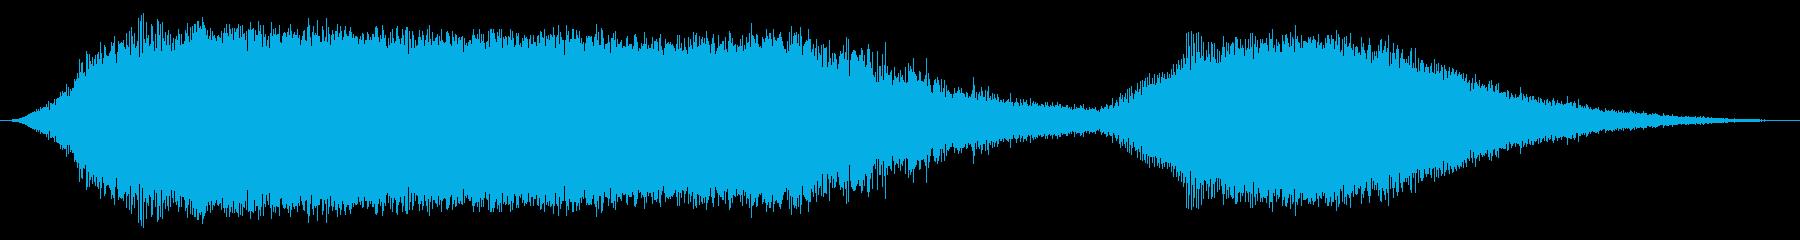 停電4の再生済みの波形